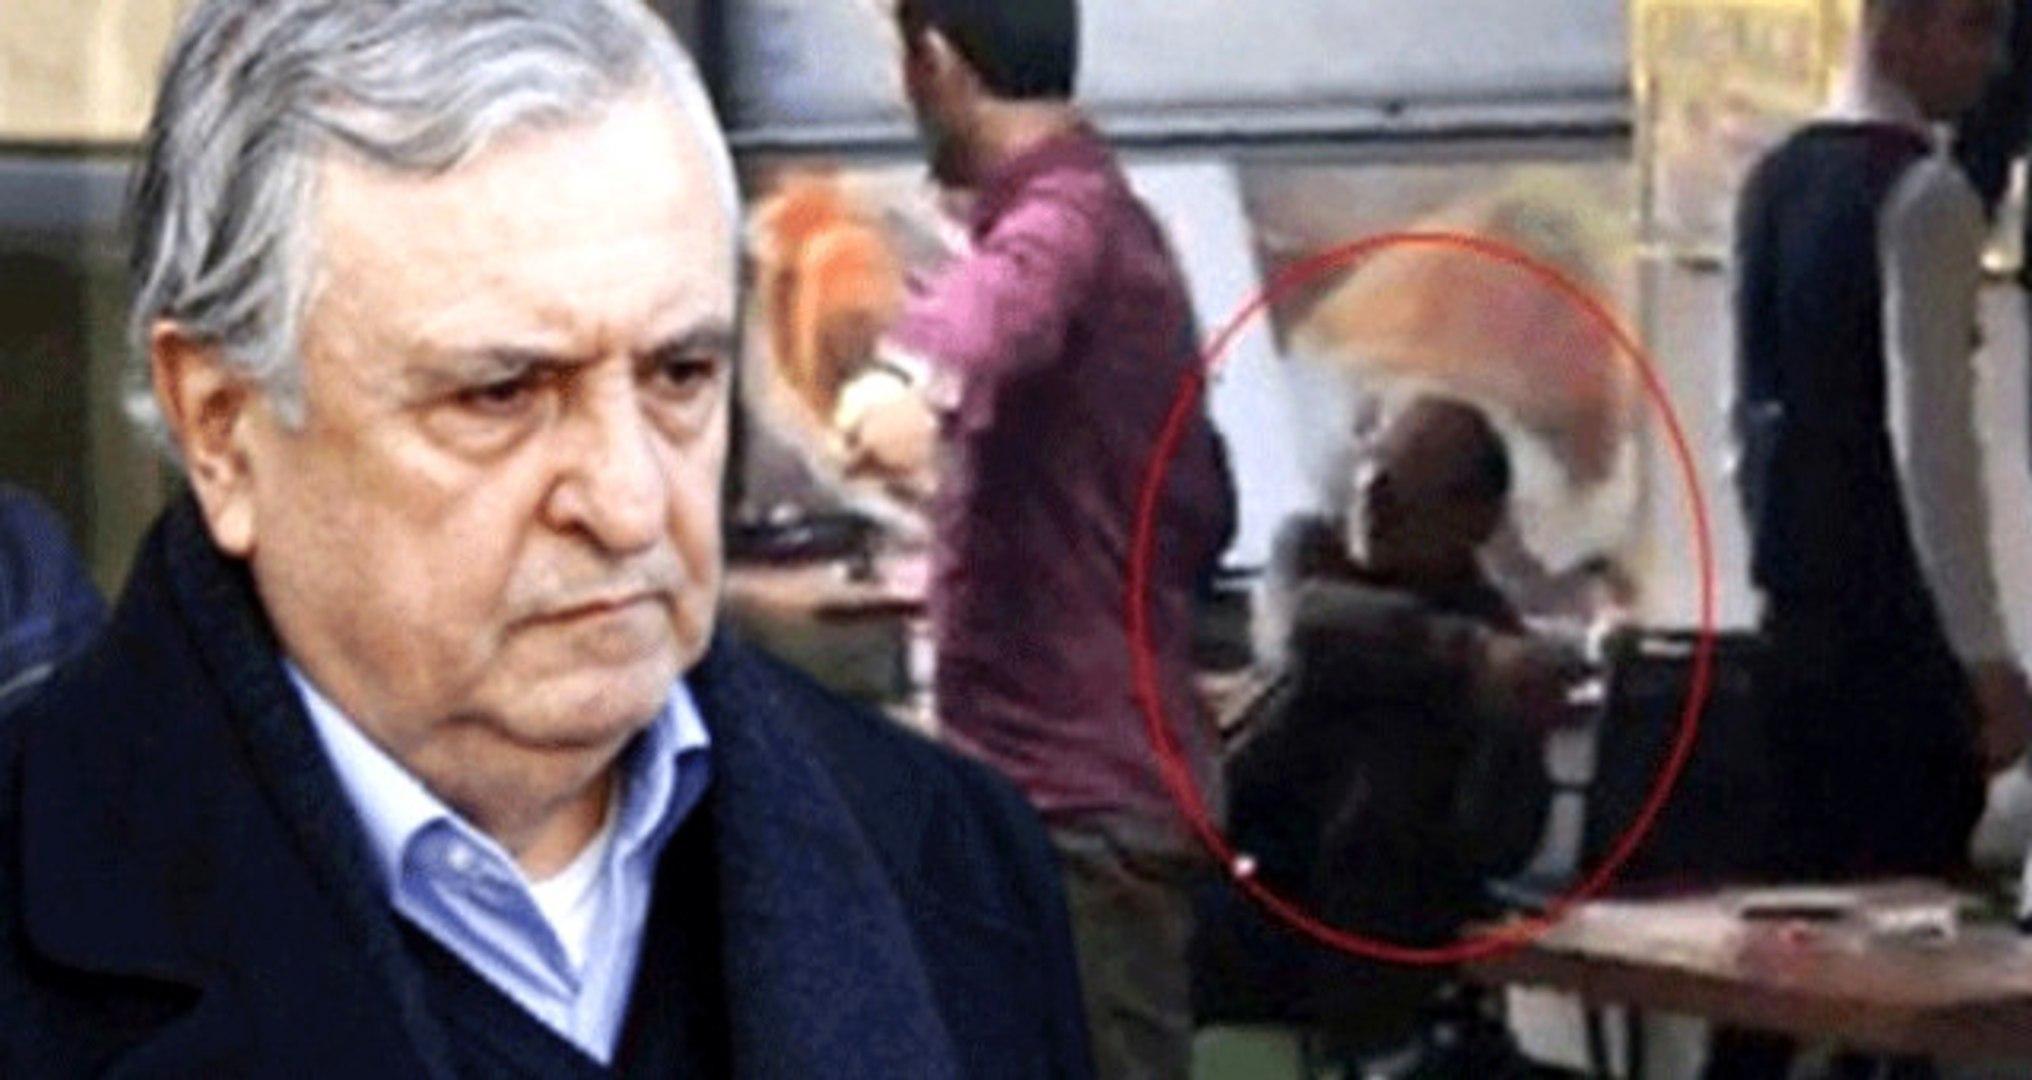 Eski Savunma Bakanı Kafede Öldürülmüştü! Dehşet Anlarının Görüntüleri Ortaya Çıktı